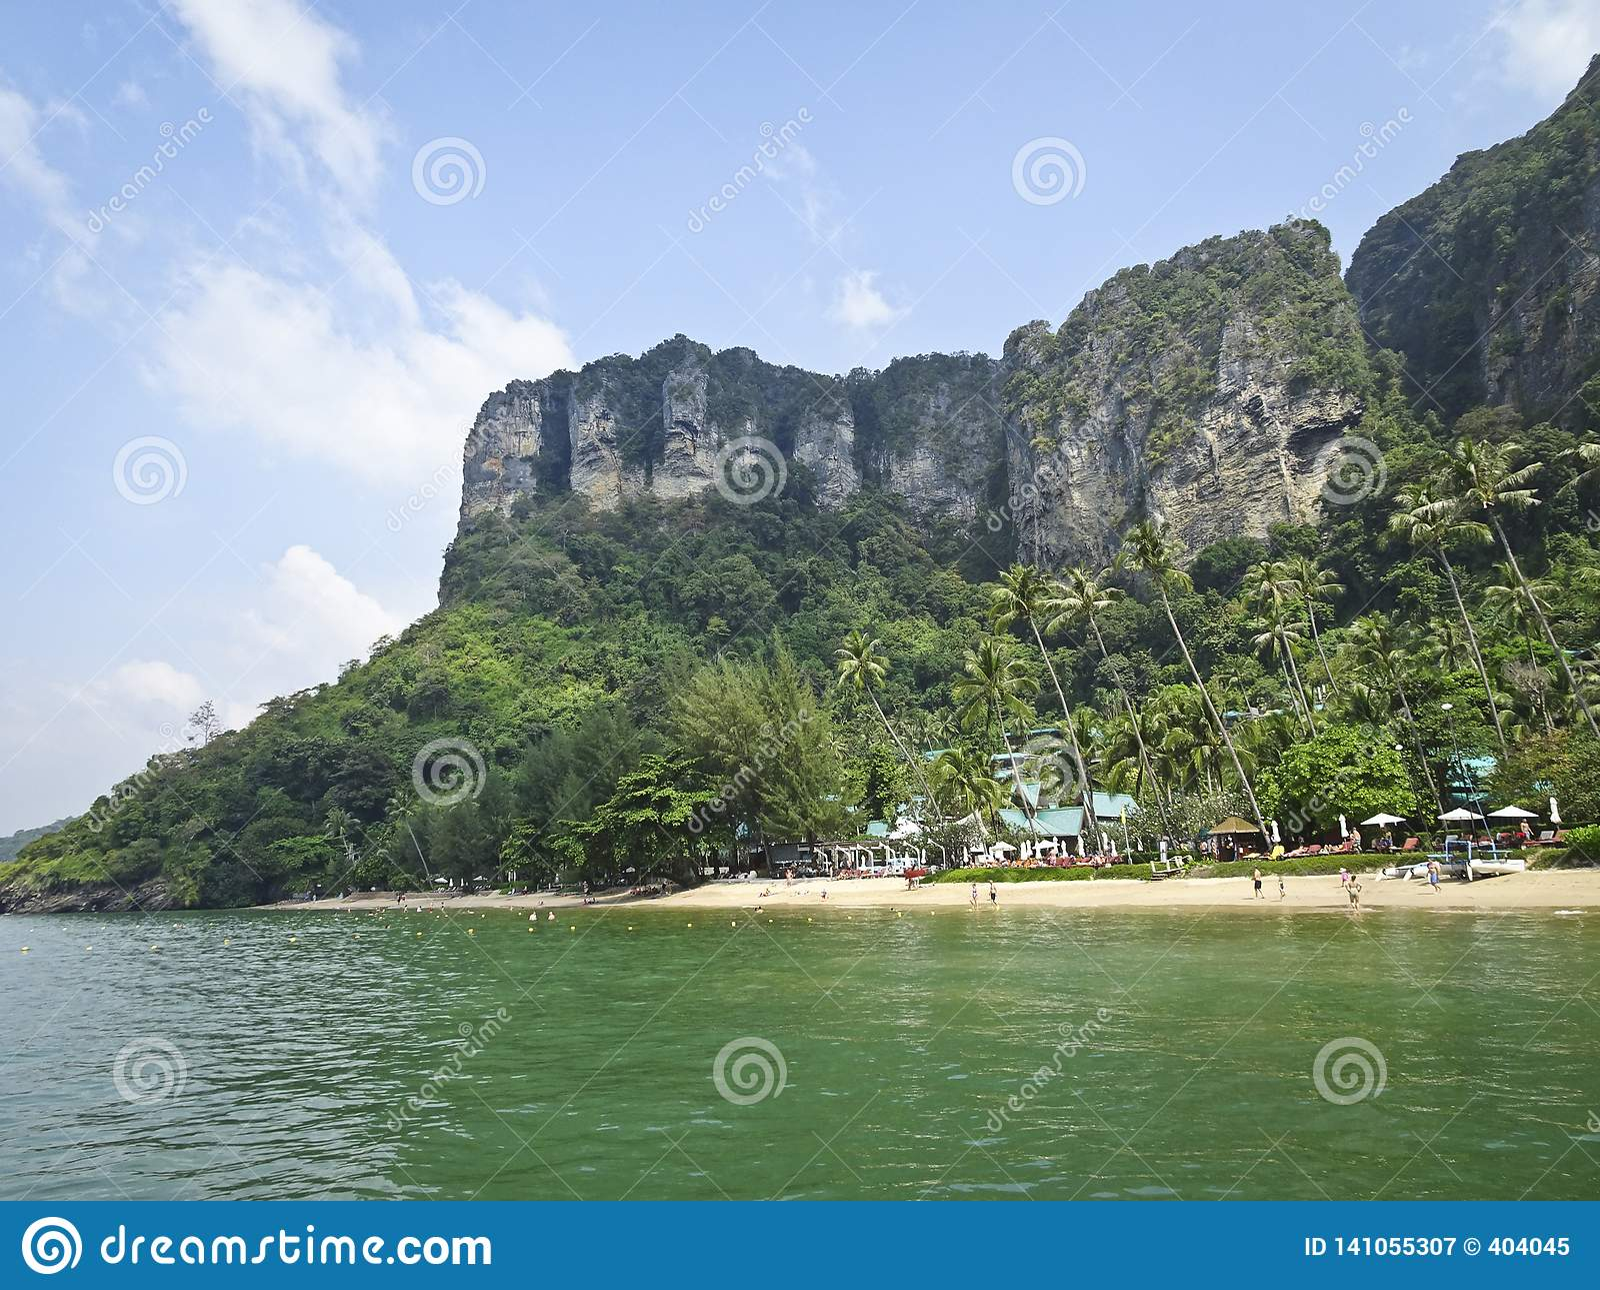 Деревня курорта на пляже под горой со скалистыми крутыми скалами, пальмами, желтым песком, лазурным морем